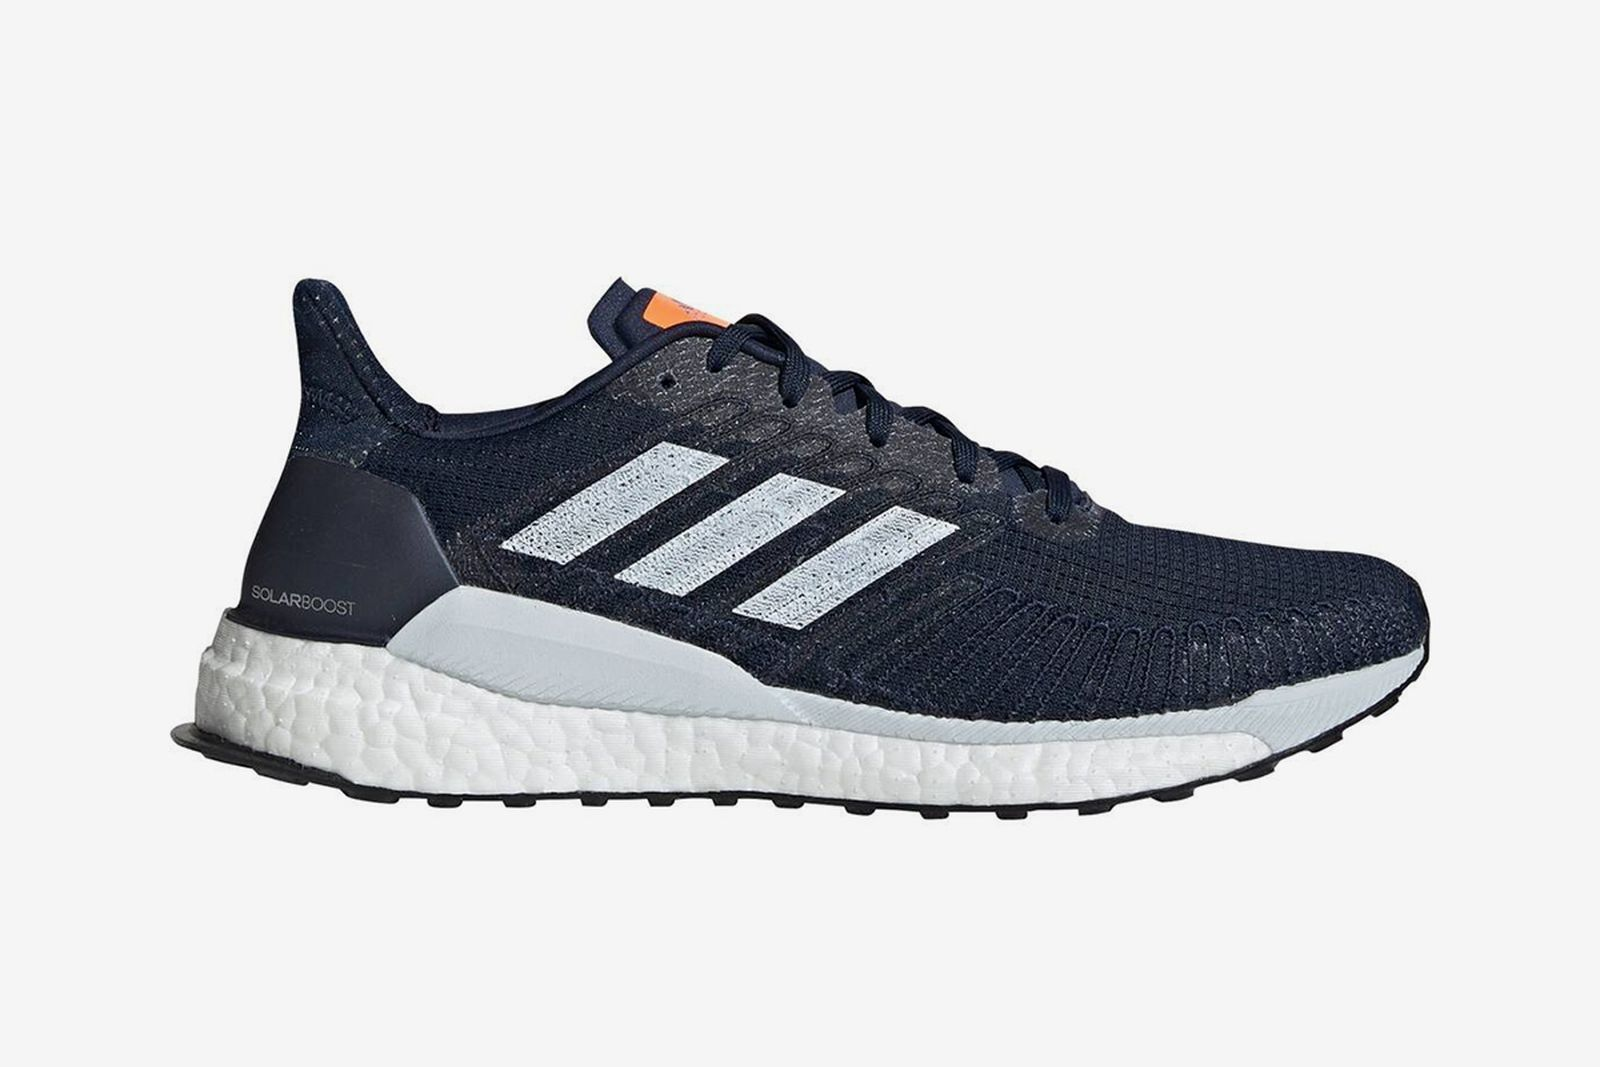 best-running-shoes-for-men-guide-salomon-adias-solarboost-19